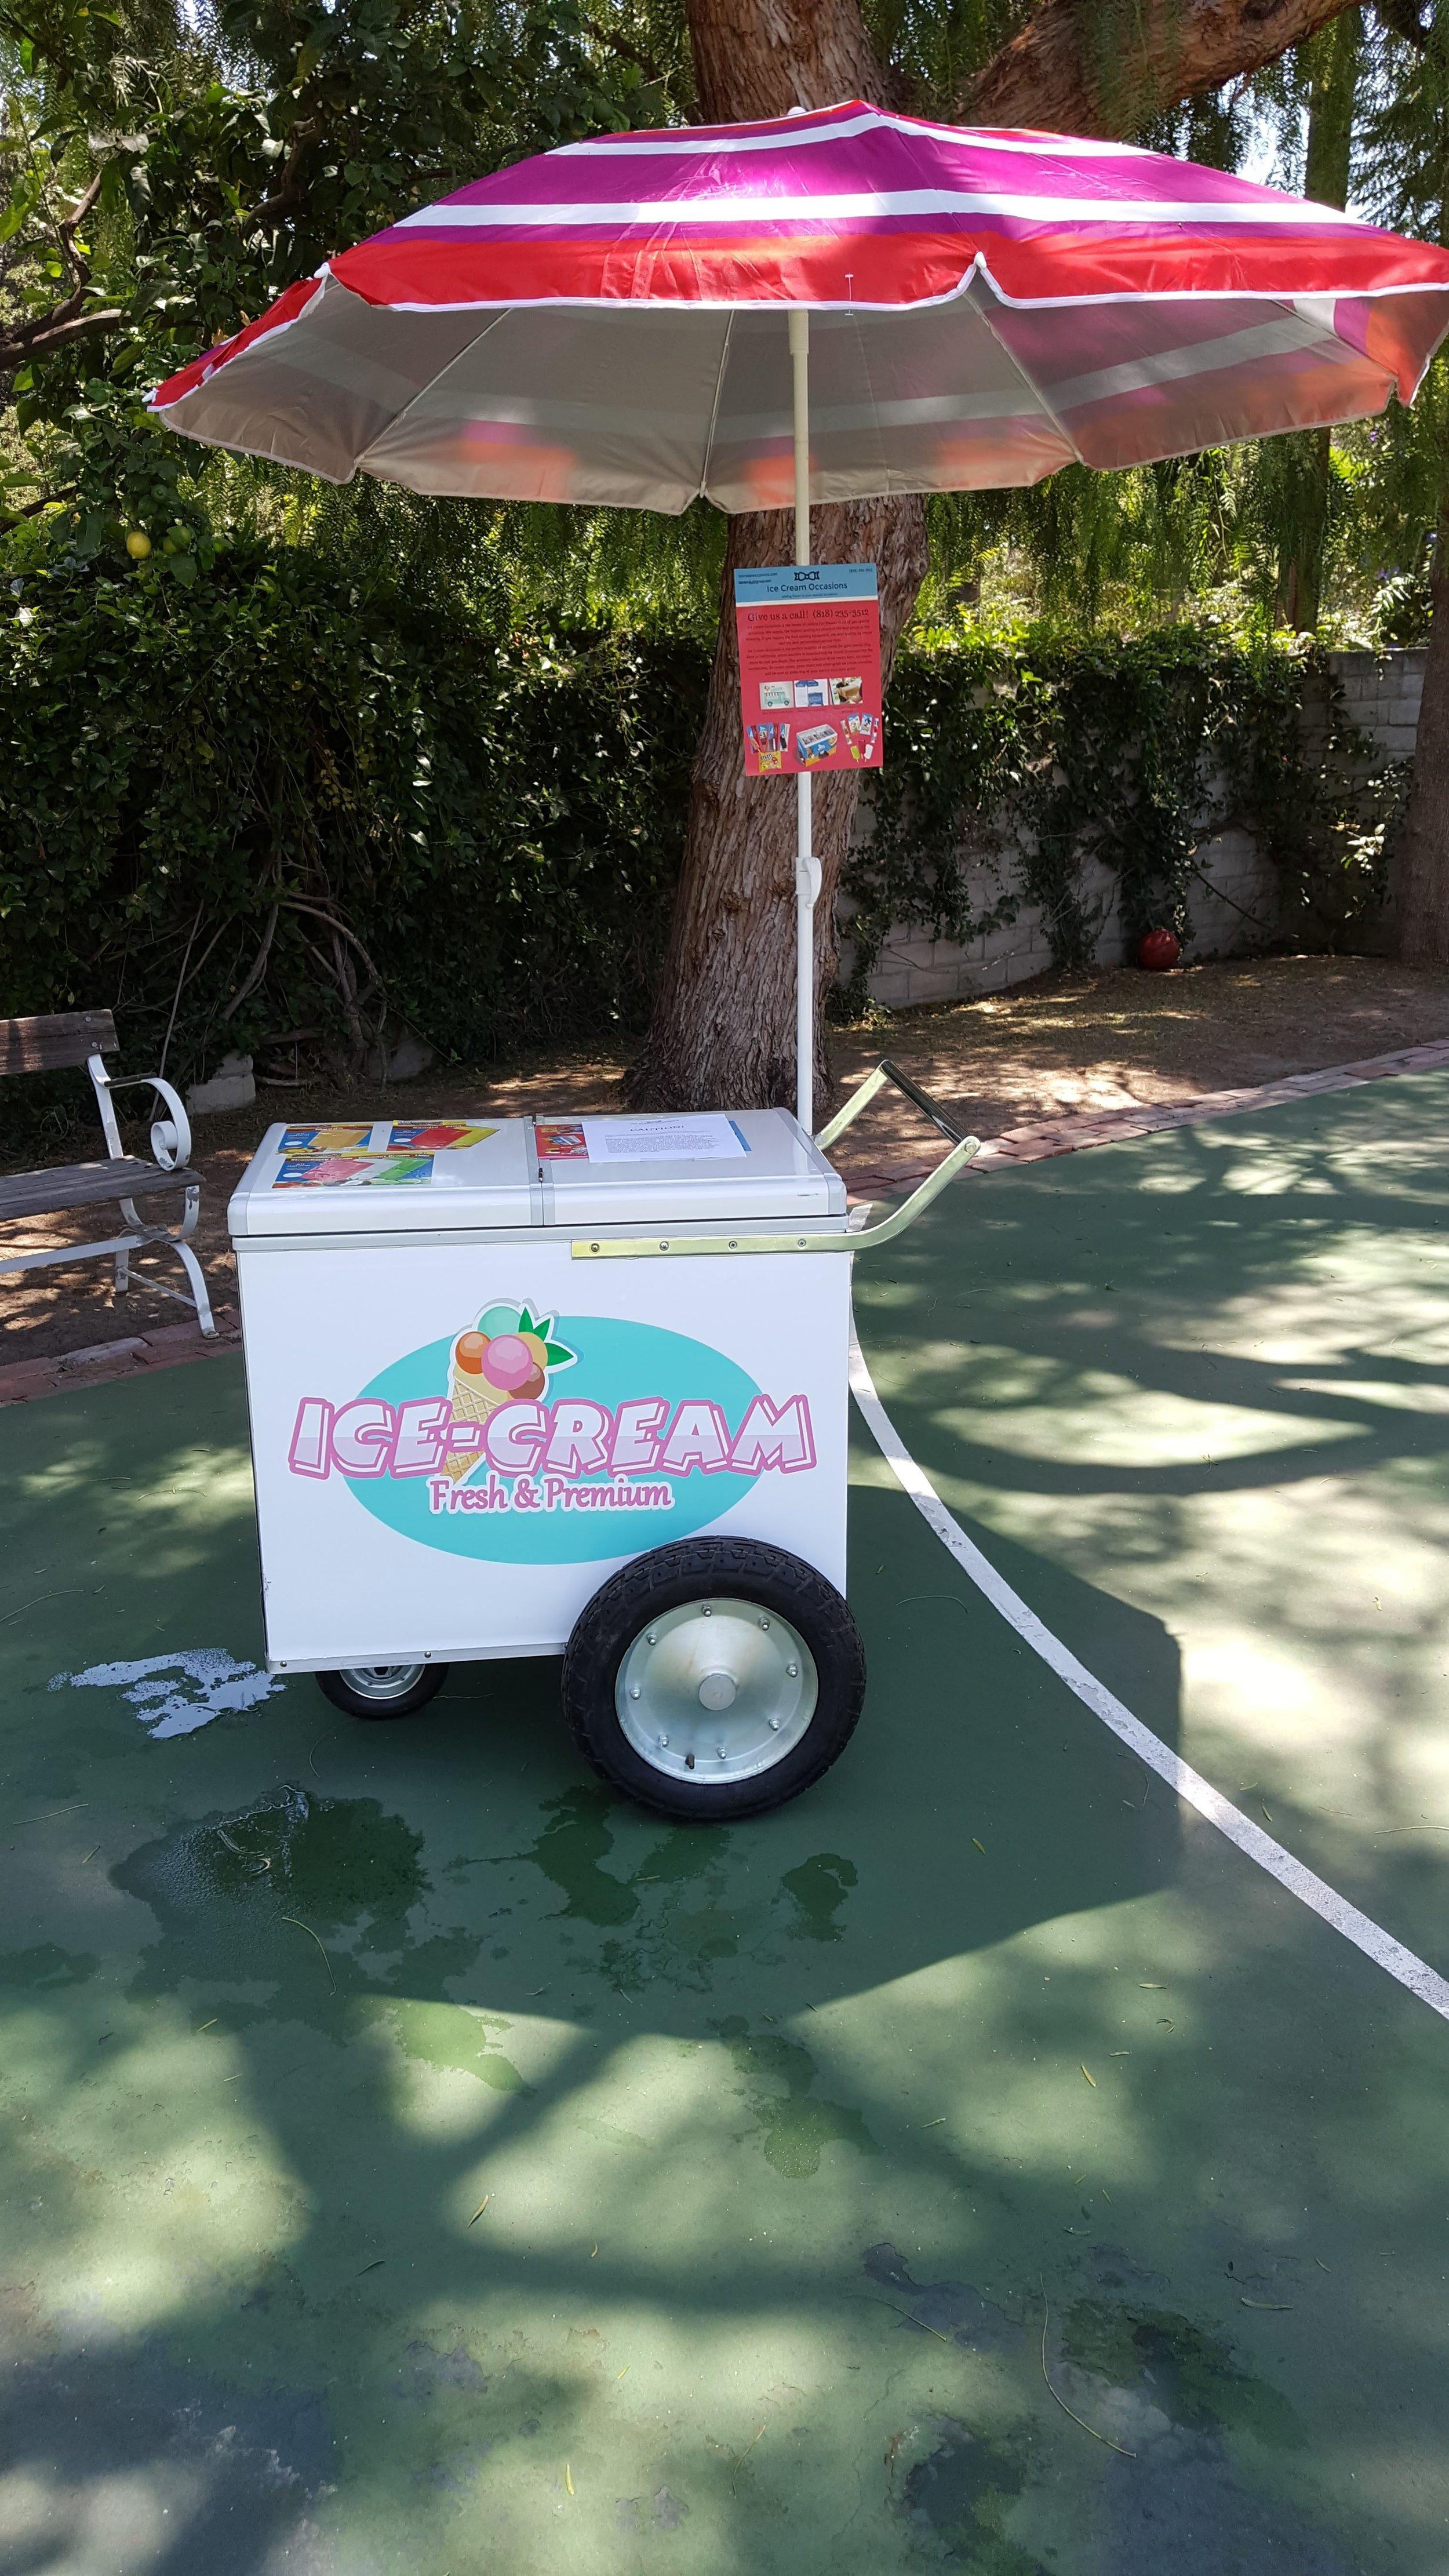 ice-cream-cart-catering-